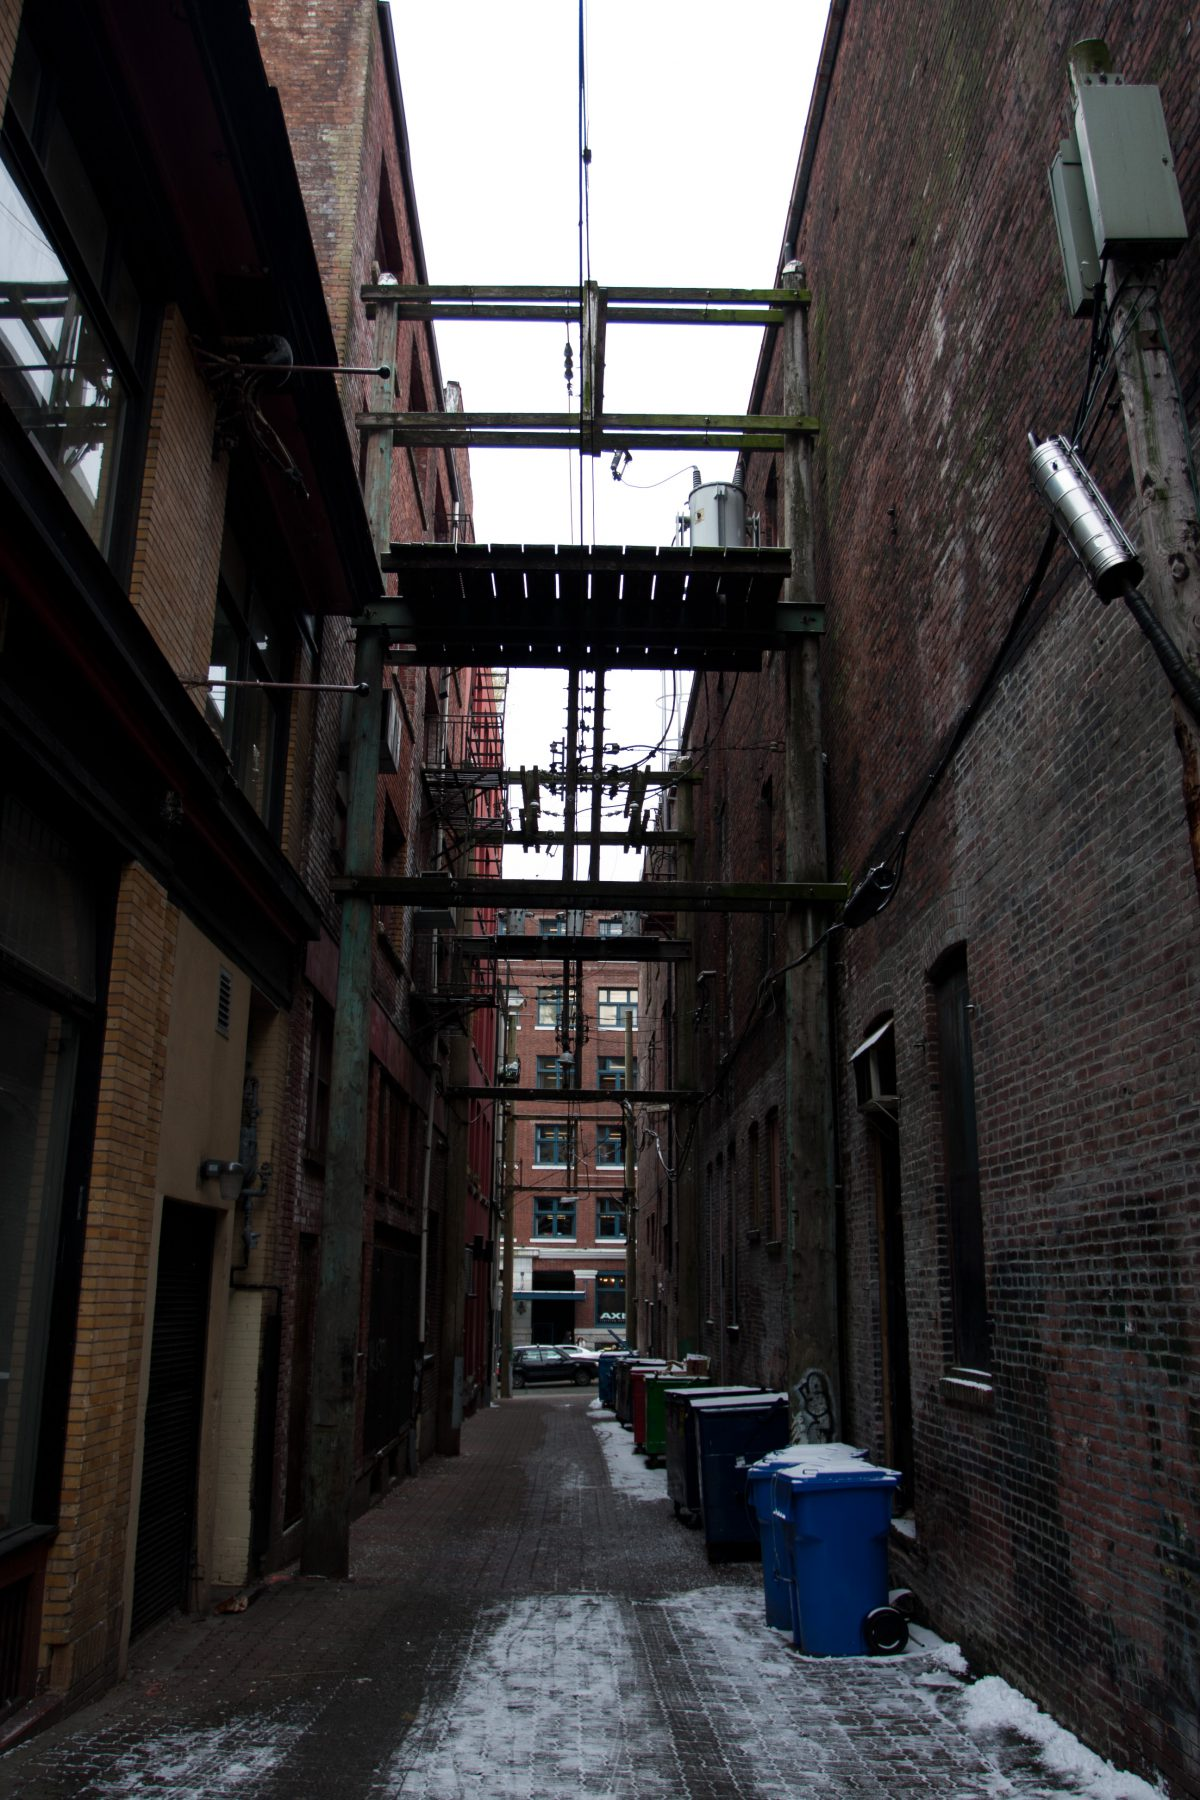 snow, building, alley, rubbish